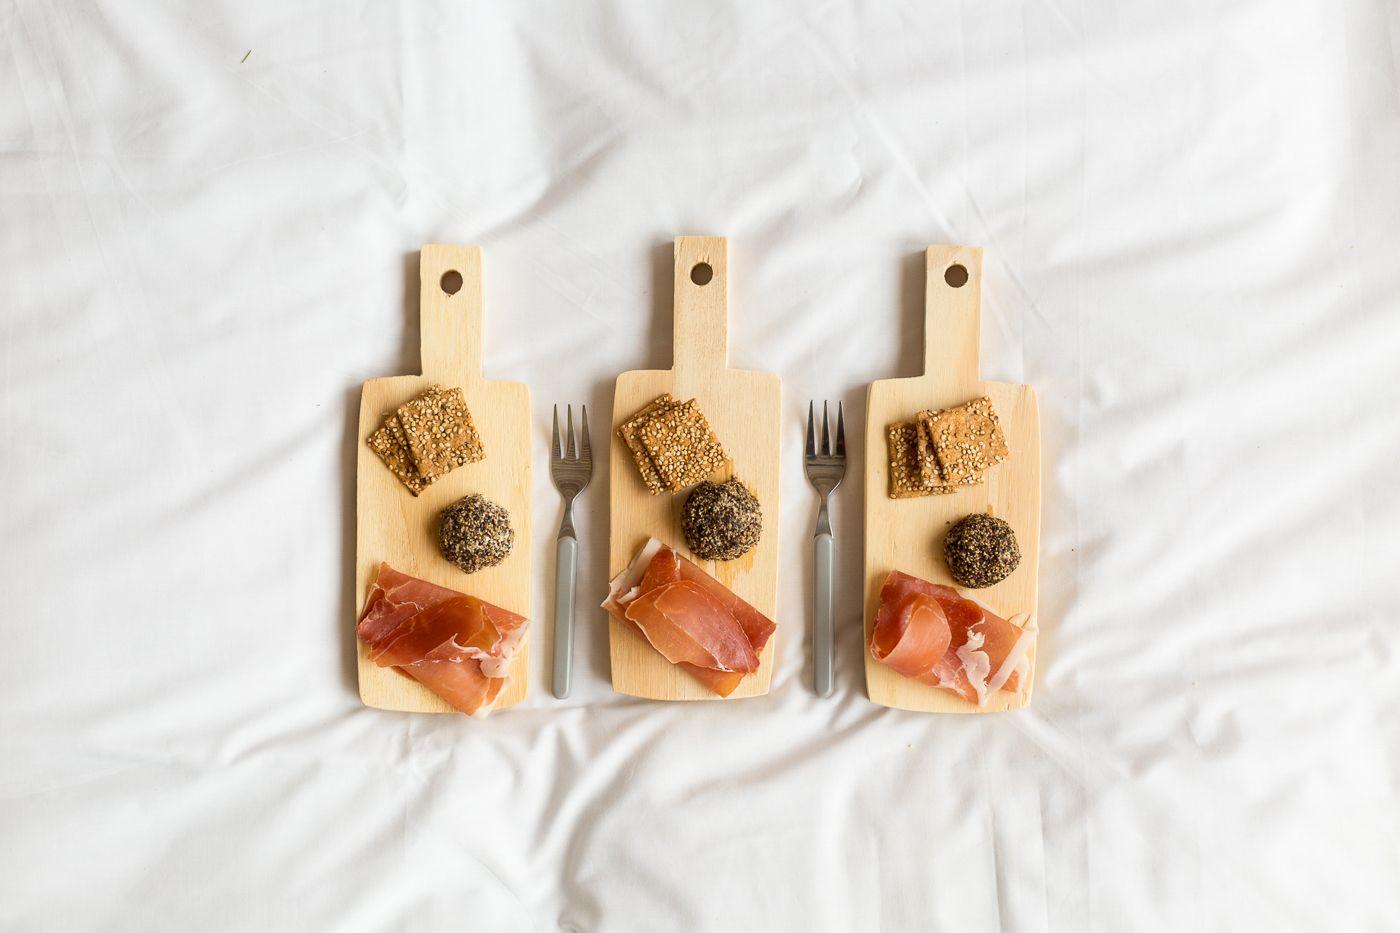 Индивидуальные сырные доски из мини-фанеры |  Падение для DIY